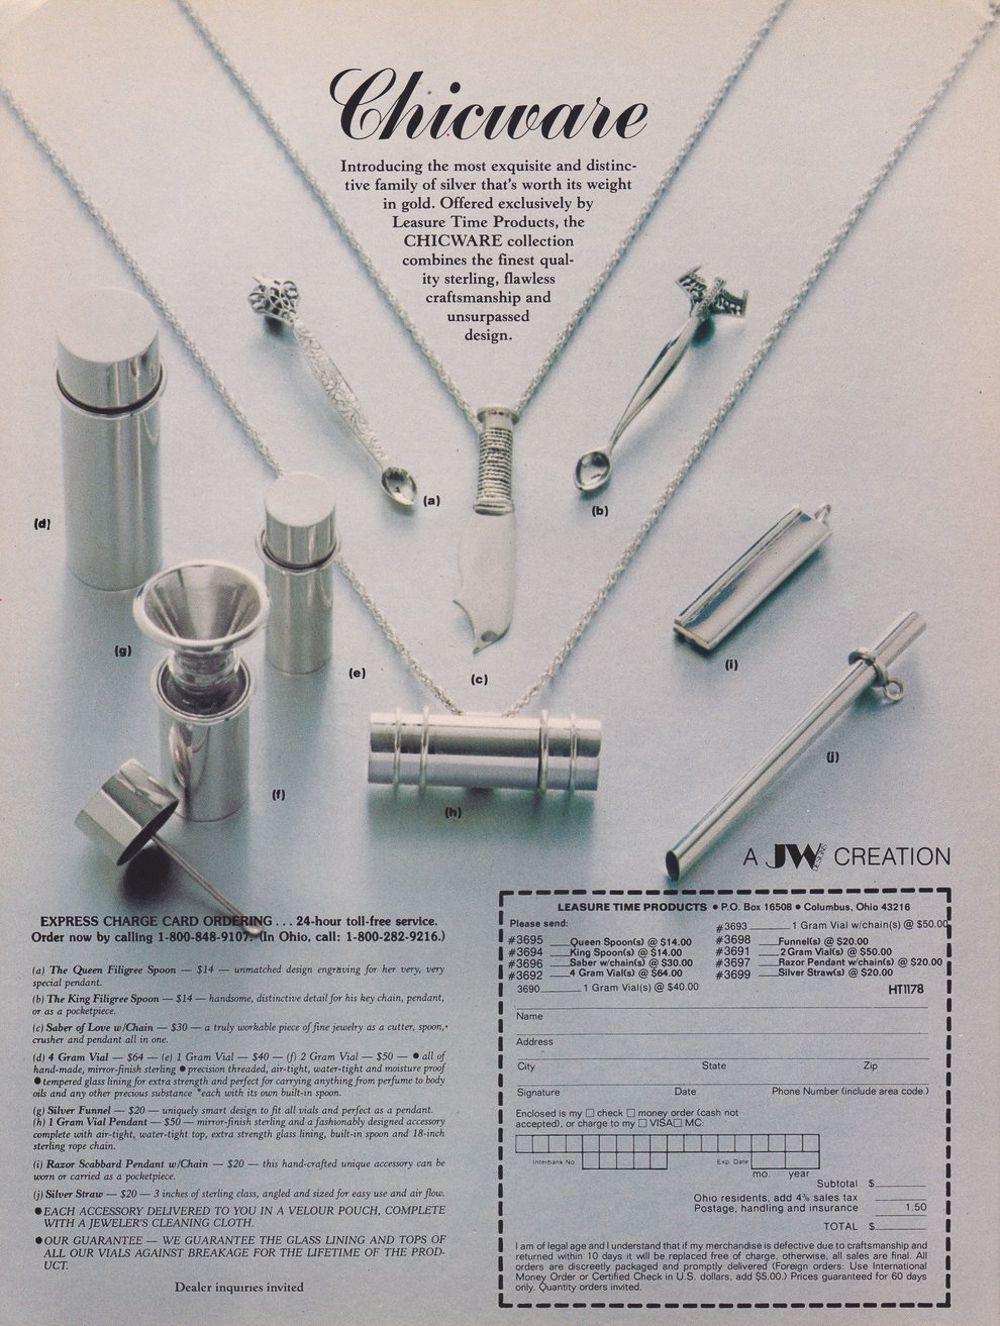 asi anunciaban productos relacionados con la cocaina en las revistas de los años 70 y 80 19